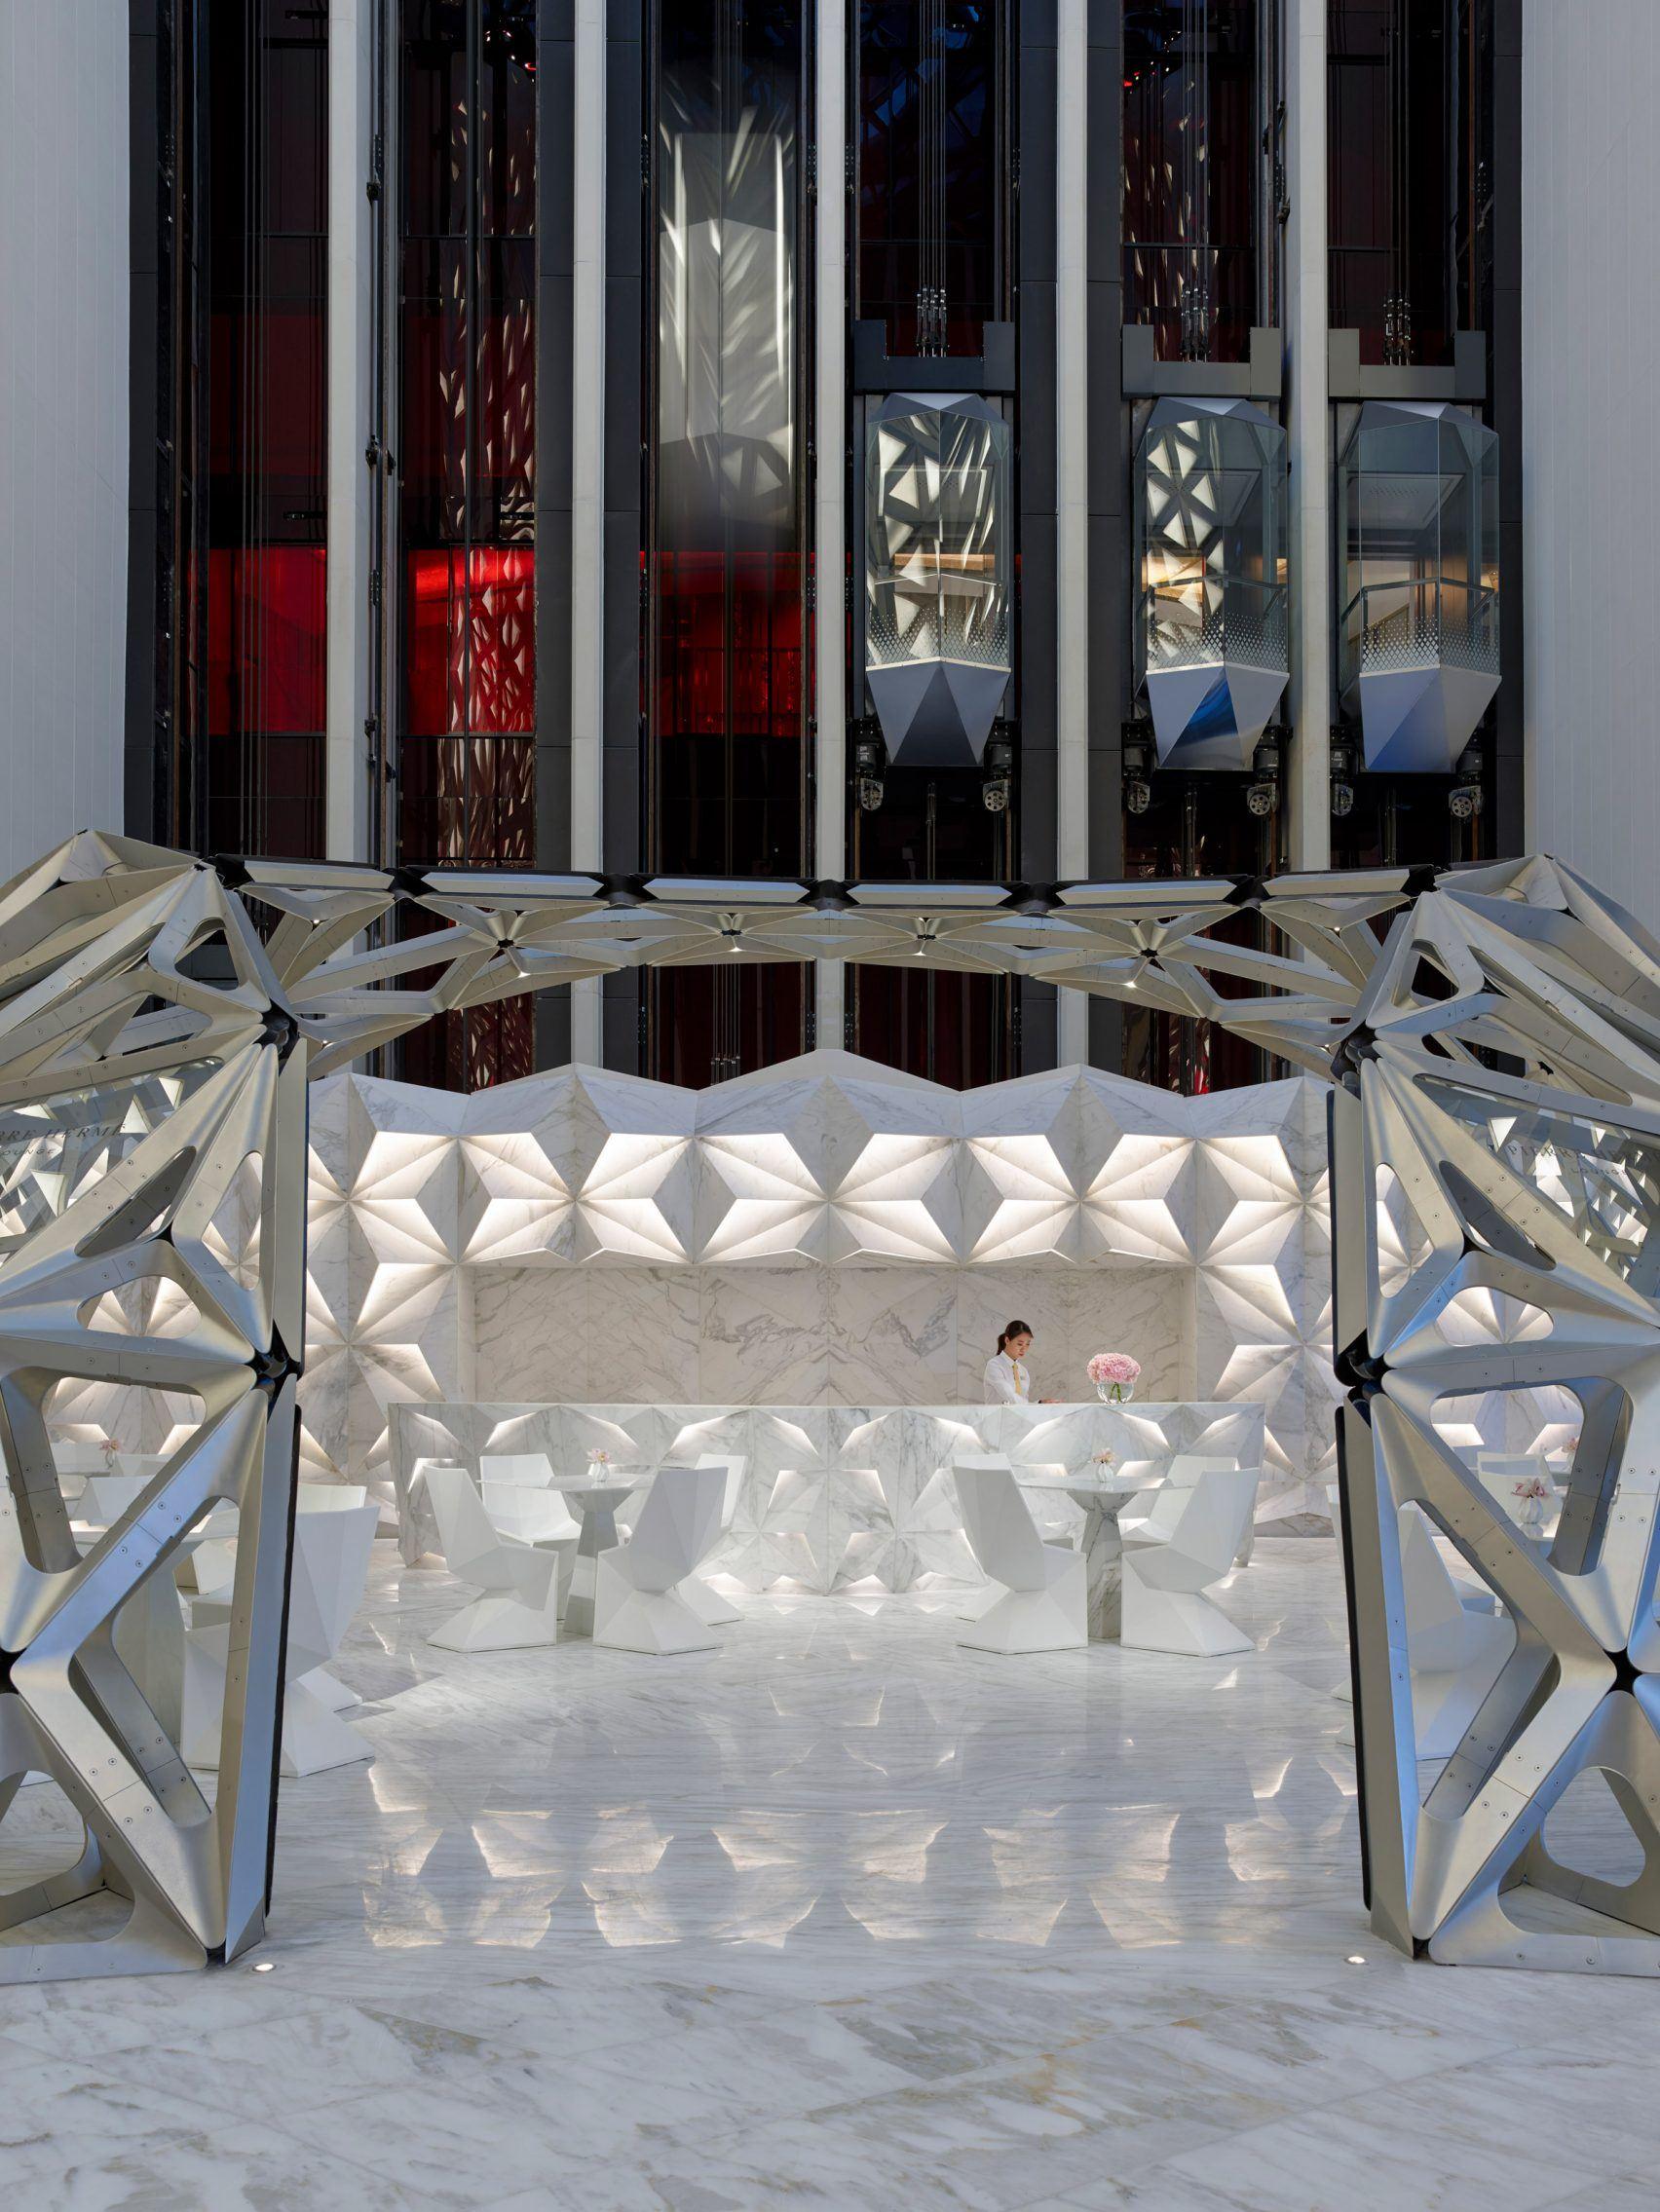 iGNANT-Architecture-Zaha-Hadid-Architects-Morpheus-Hotel-007